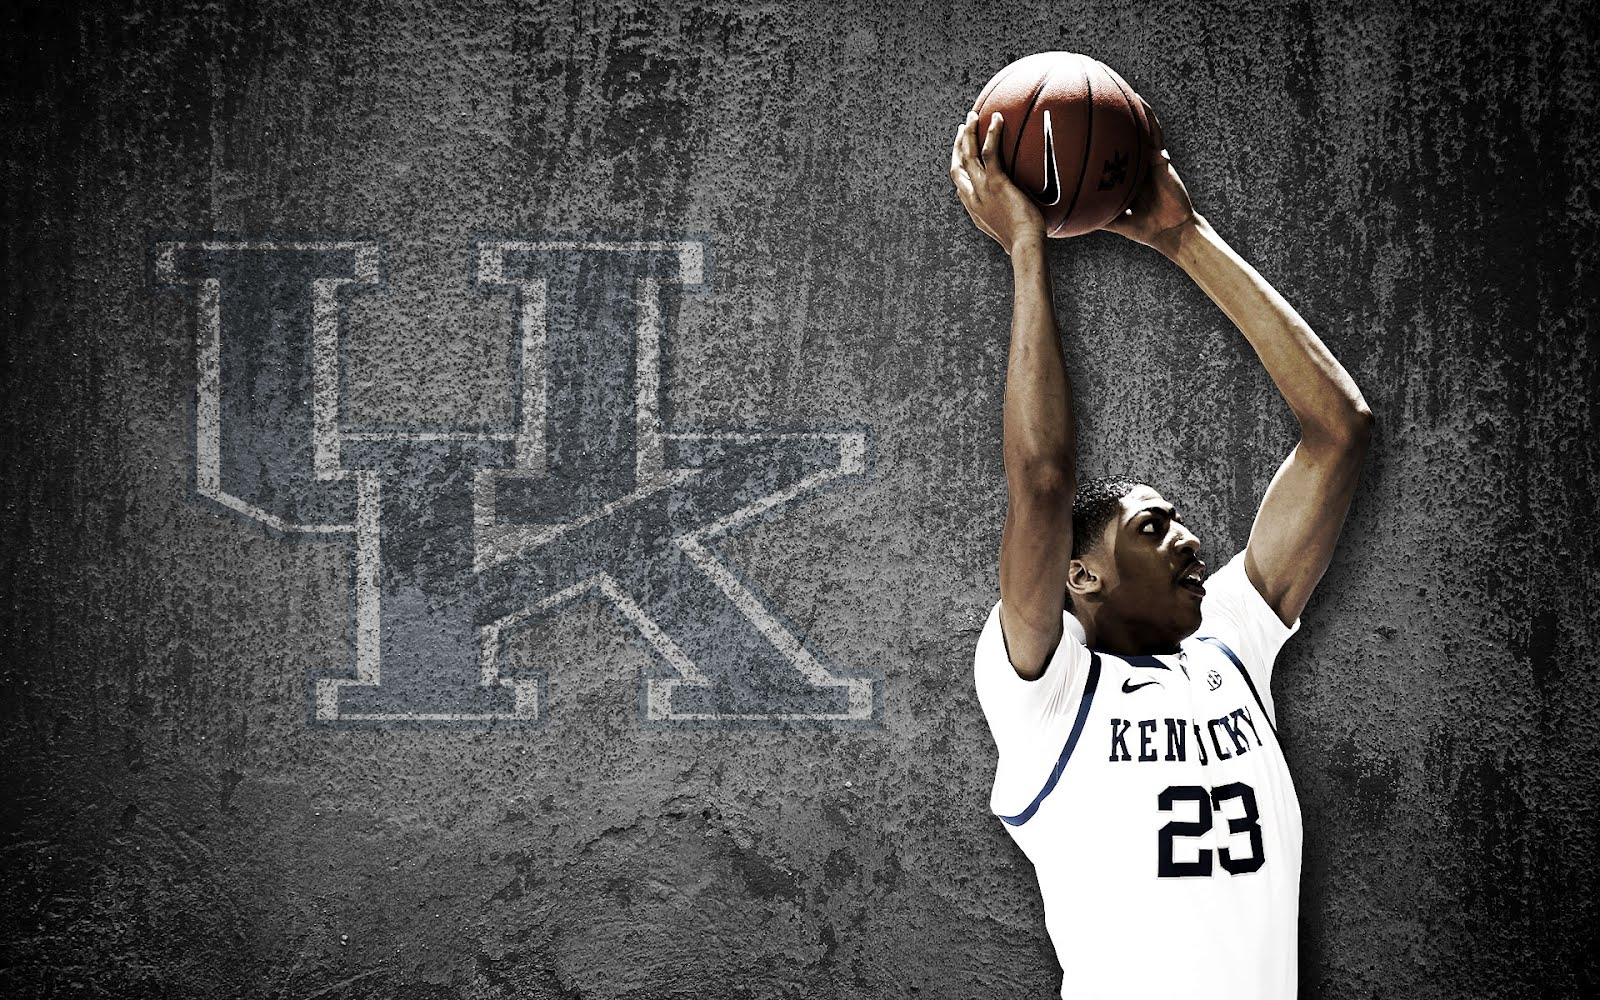 Kentucky Basketball Wallpapers: Kentucky Wildcat + NBA Basketball